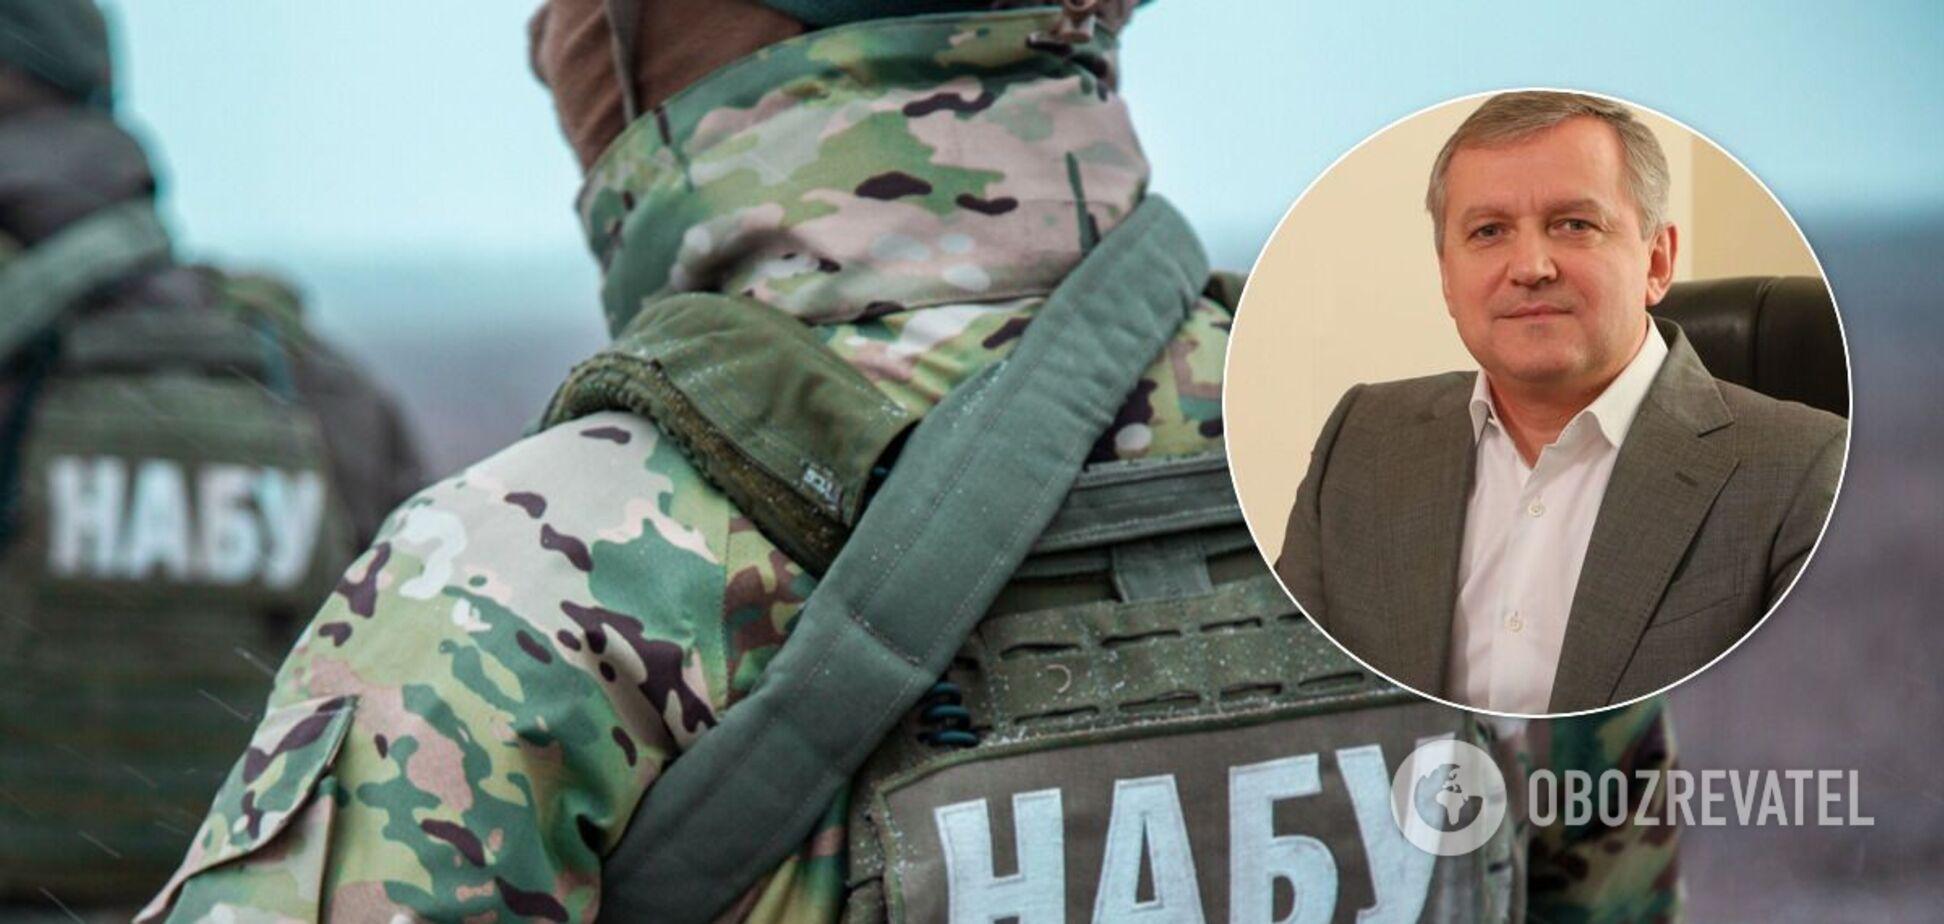 НАБУ и САП впервые сообщили о подозрении в незаконном обогащении